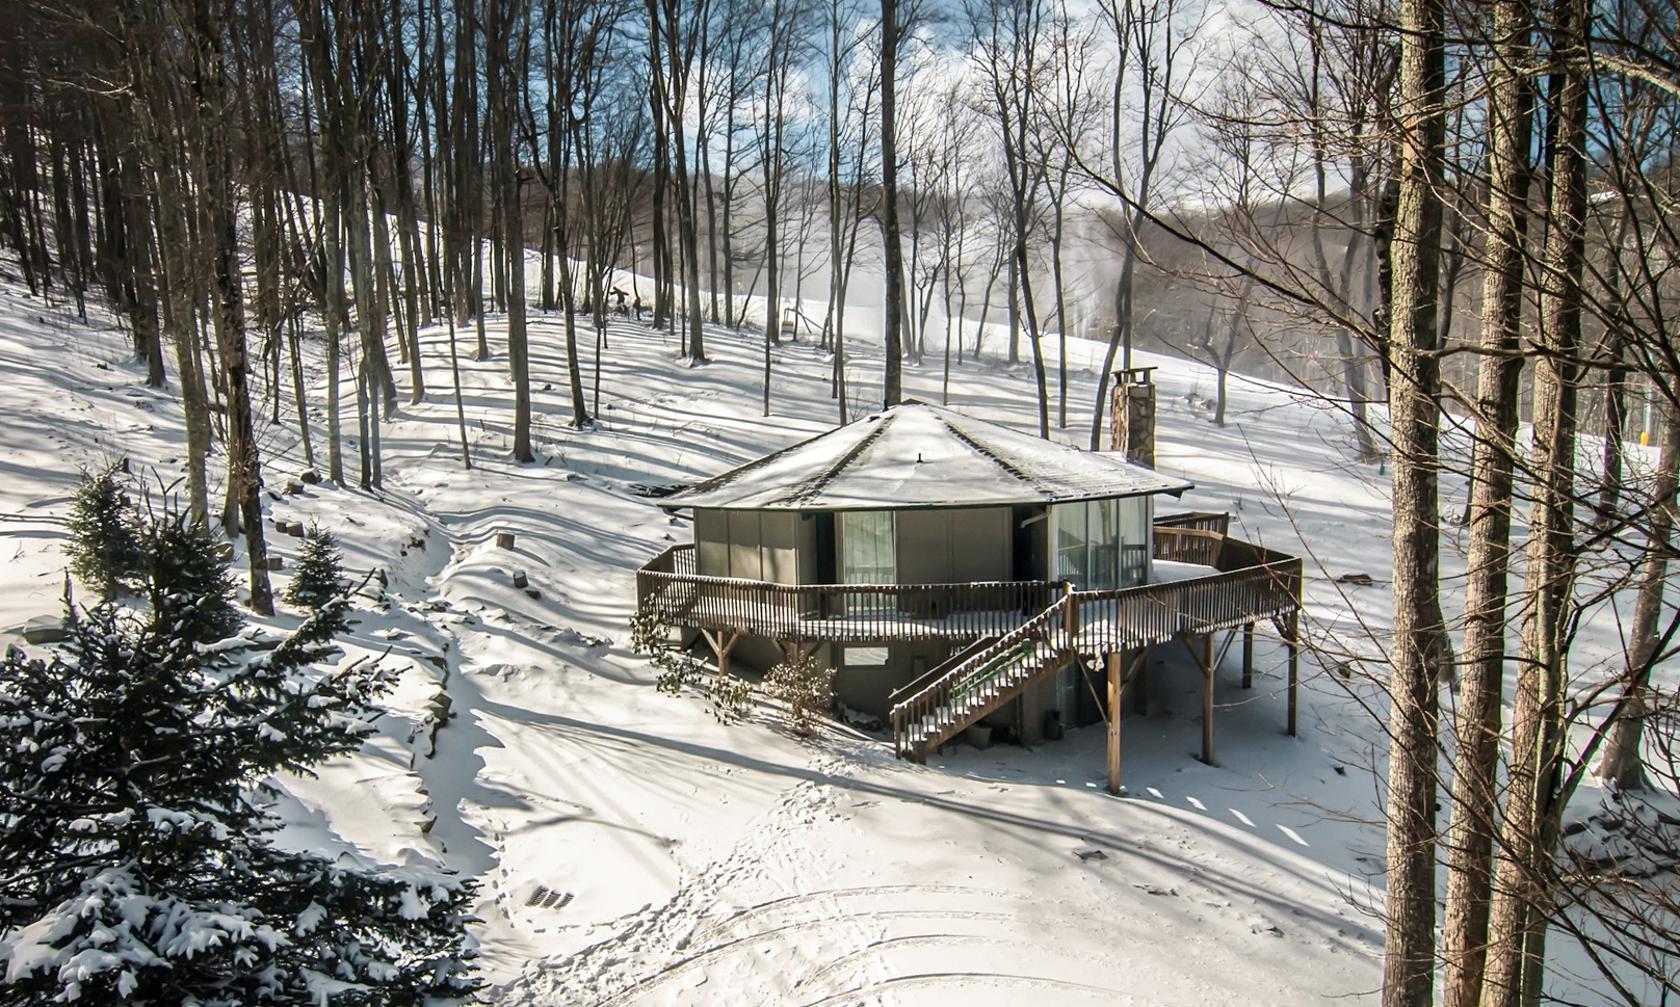 Vacation rentals in Sugar Mountain